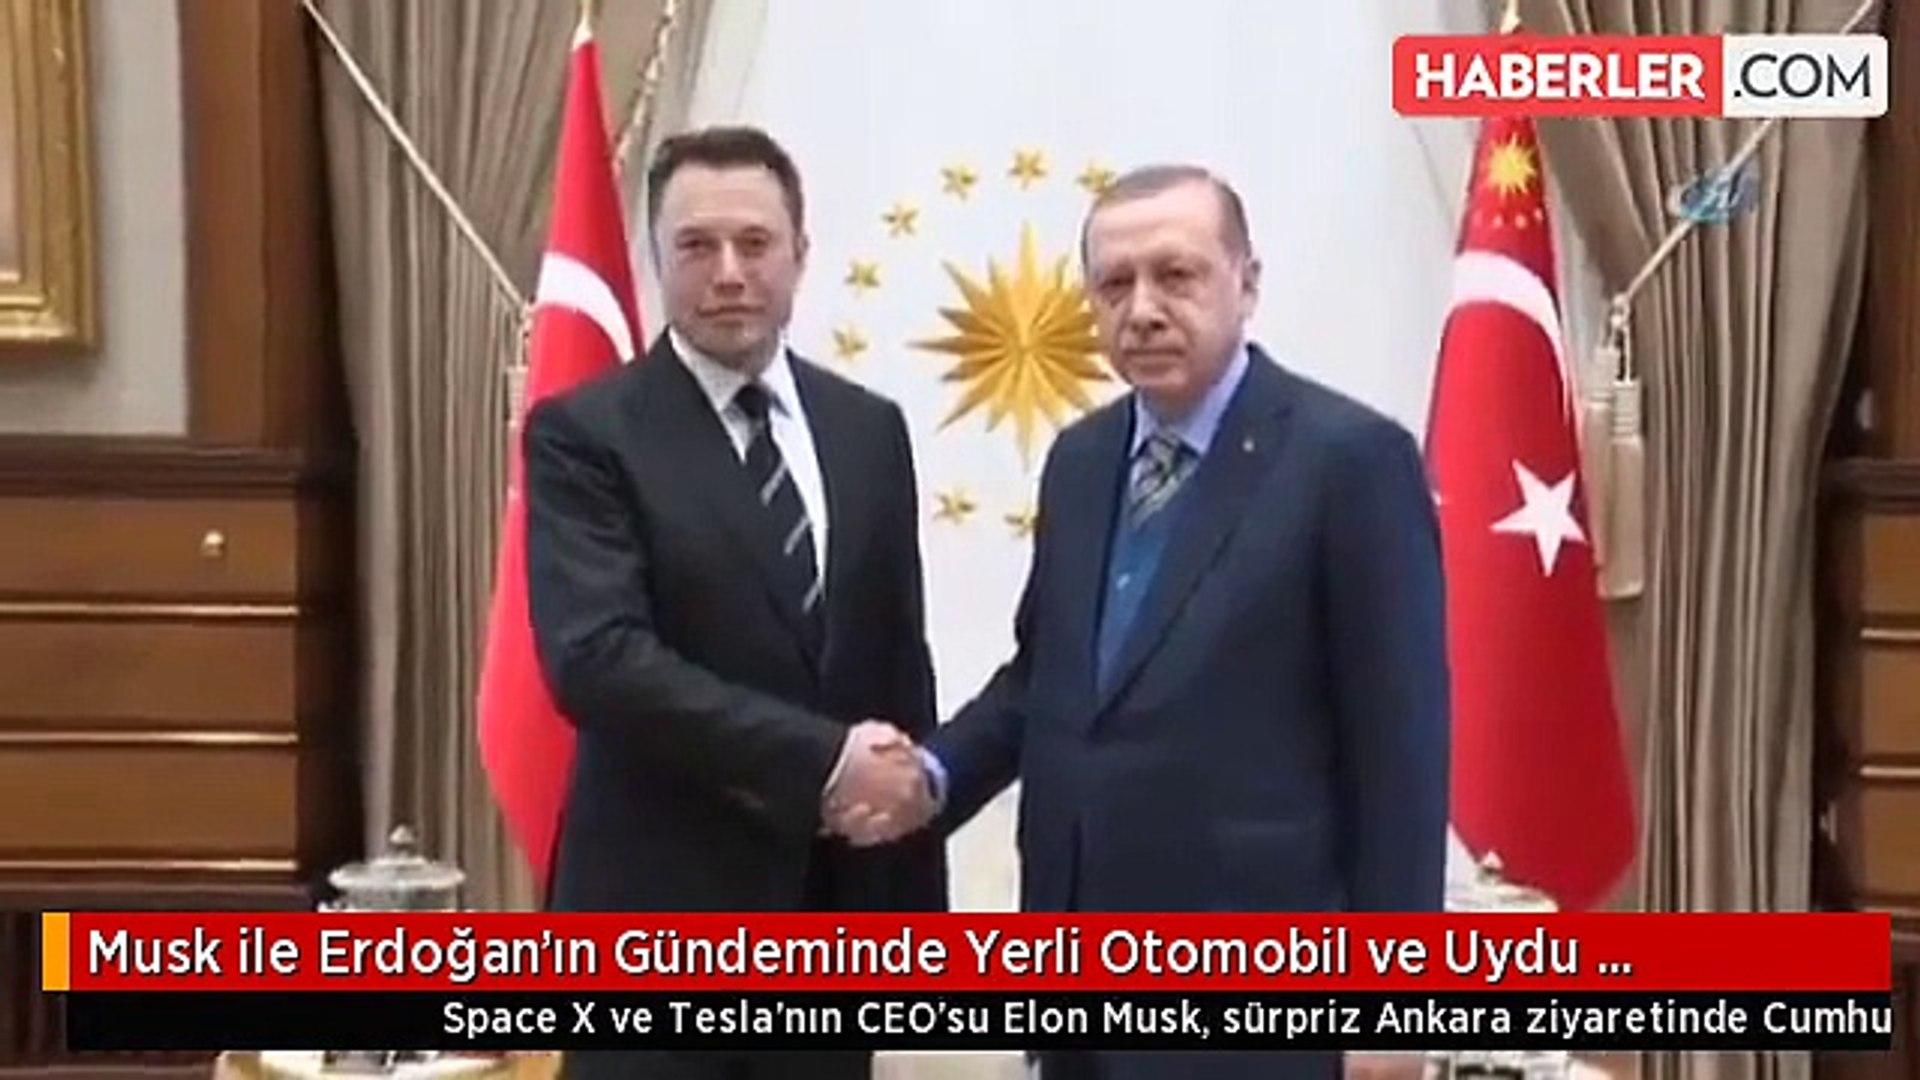 Musk ile Erdoğan'ın Gündeminde Yerli Otomobil ve Uydu Teknolojileri Vardı